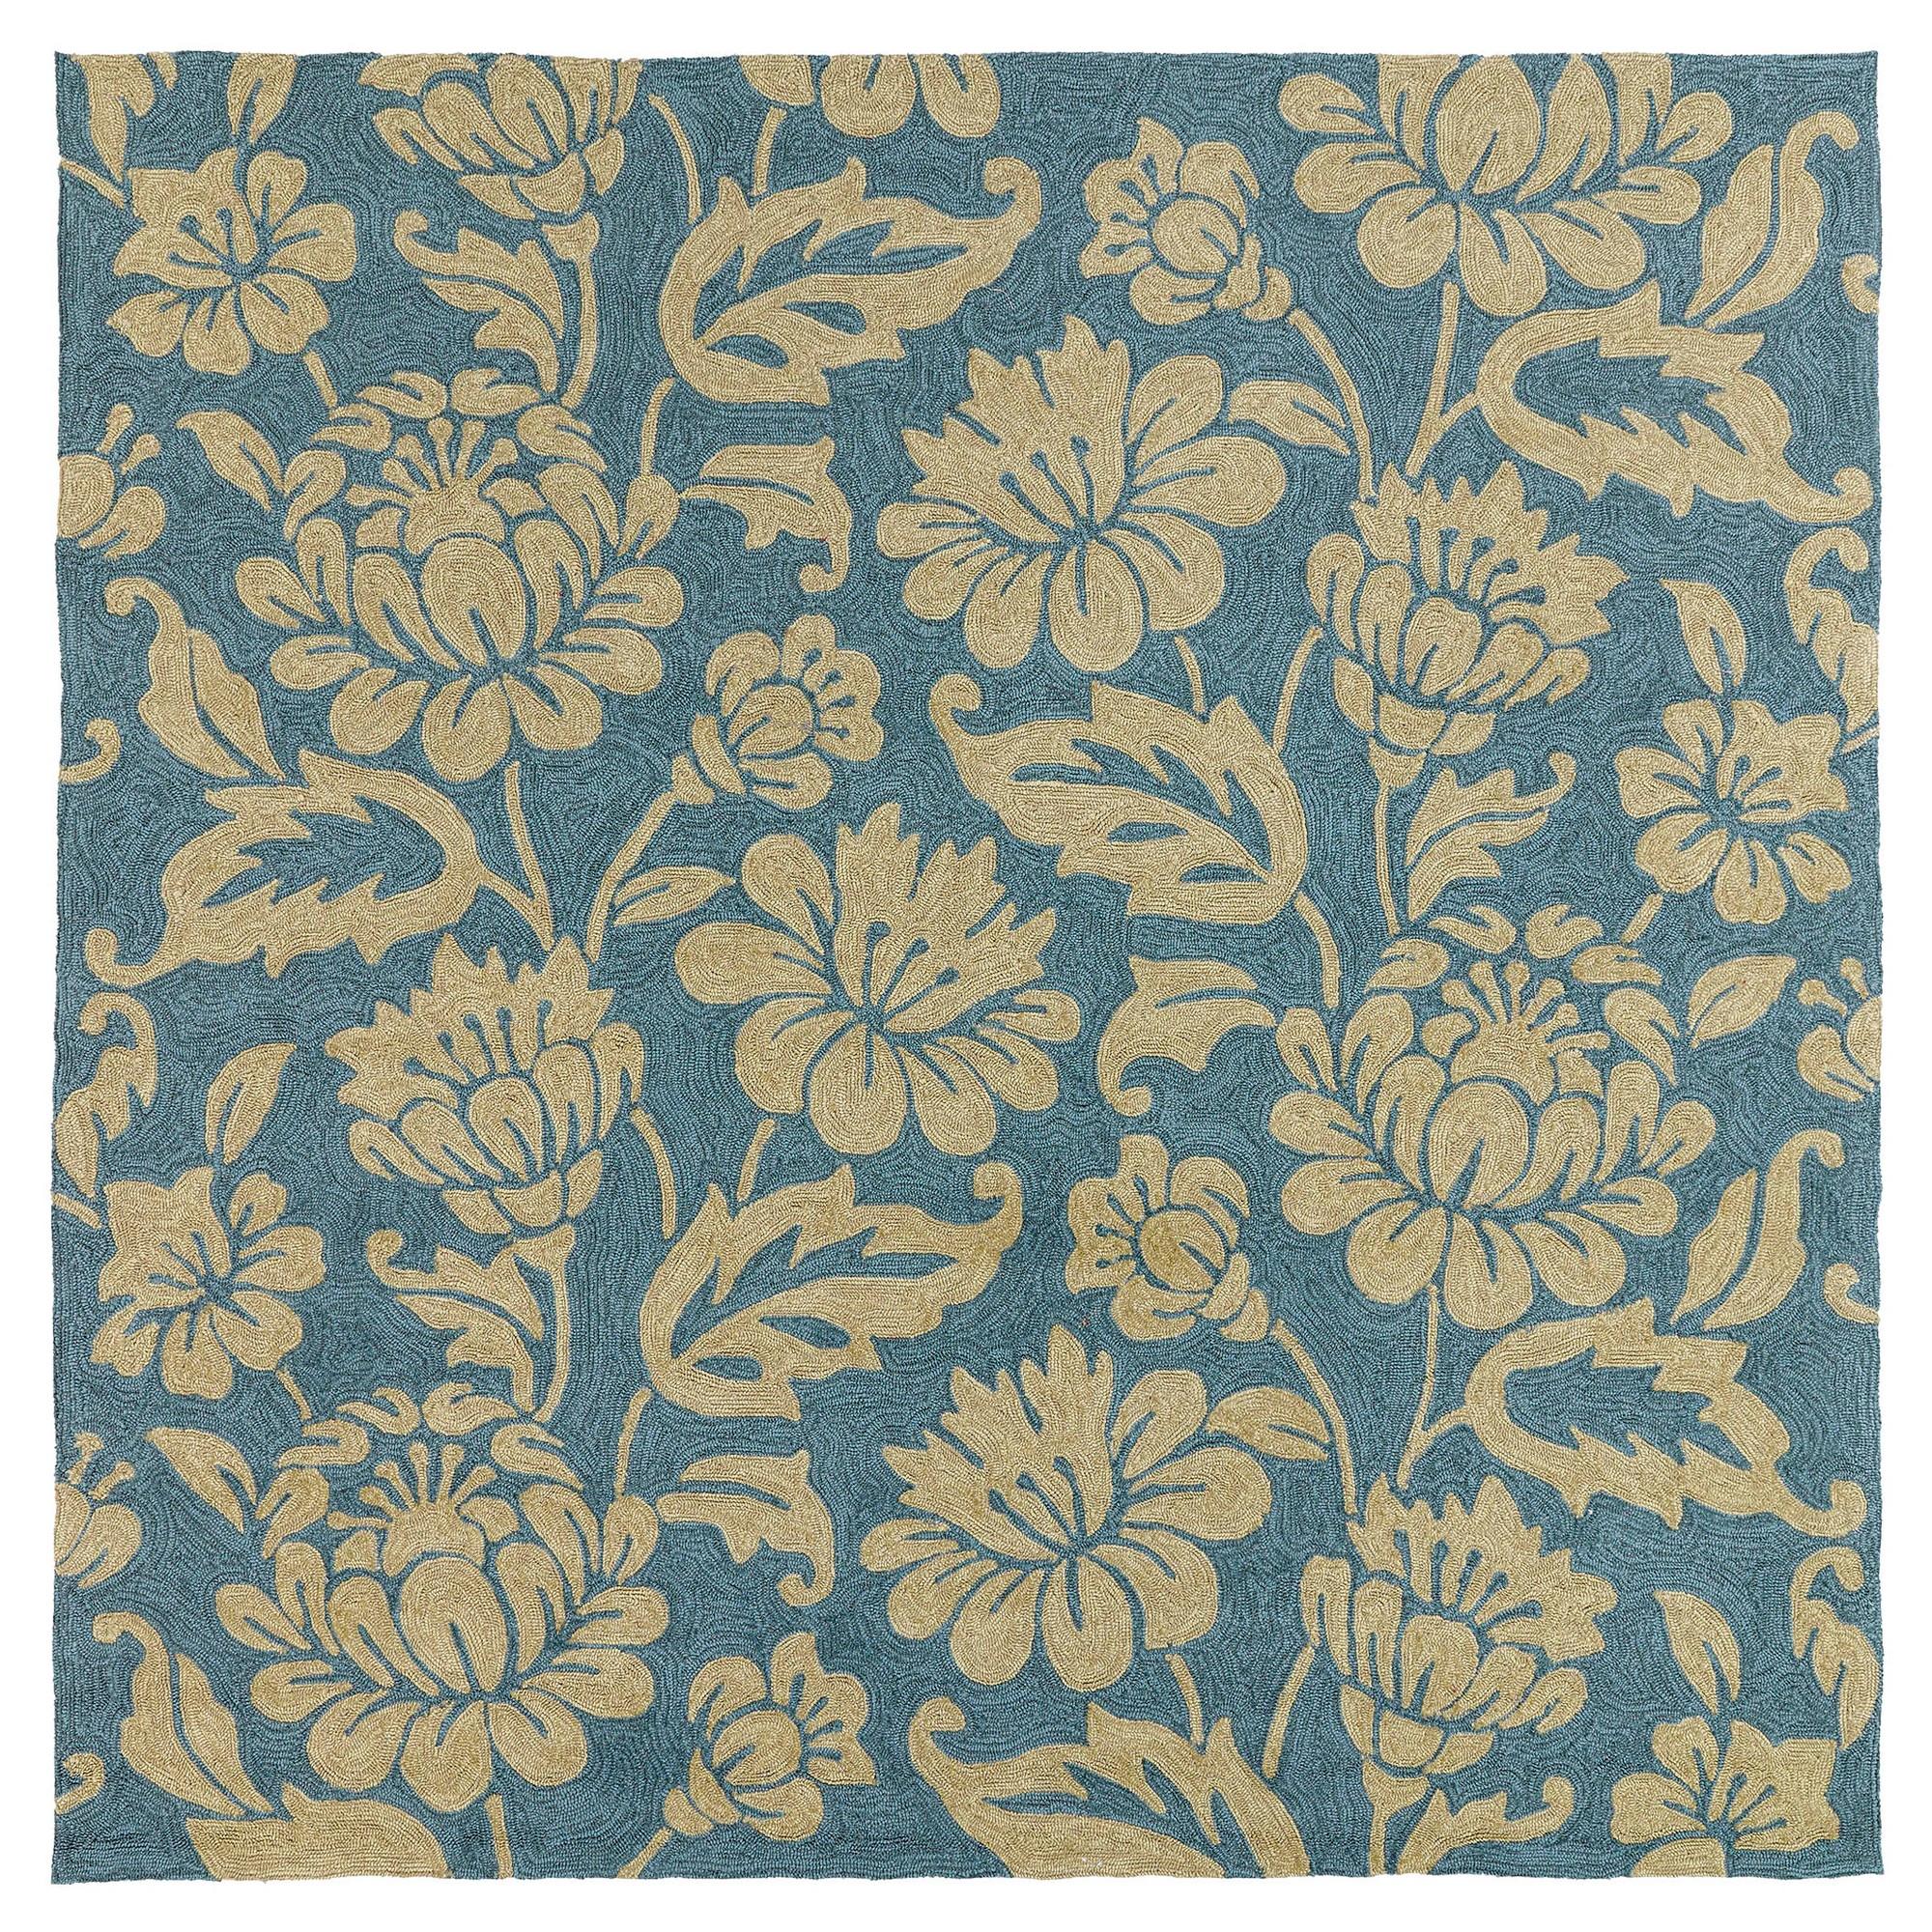 Rugs 6'X6' Kaleen Rugs Azure (Blue) Indoor outdoor area